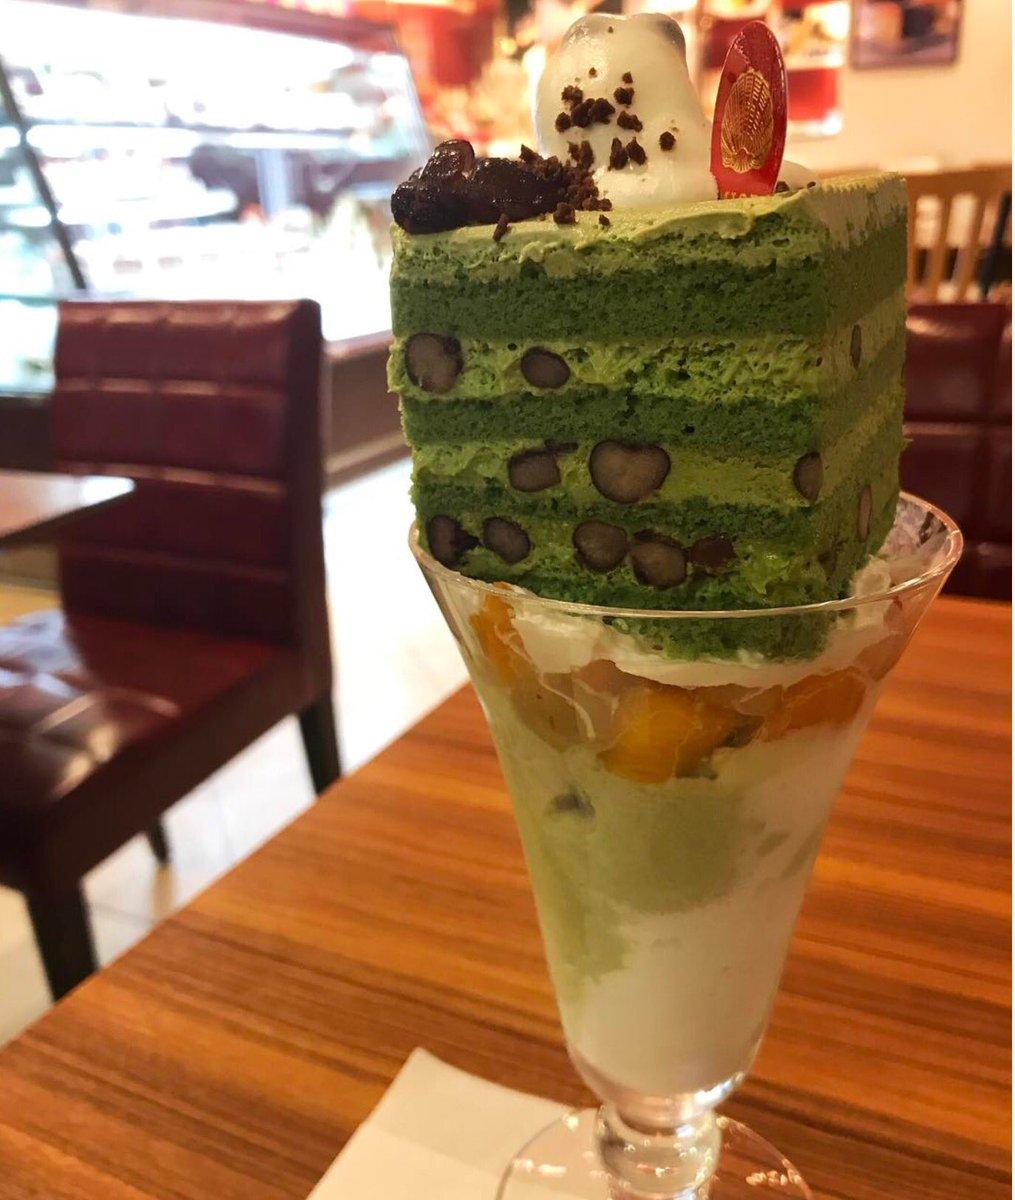 大阪・梅田にあるお店「ミオール」のパフェの上にケーキを乗せたケーキパフェ✨自分の好きなケーキとパフェソースとアイスを組み合わせることができます!